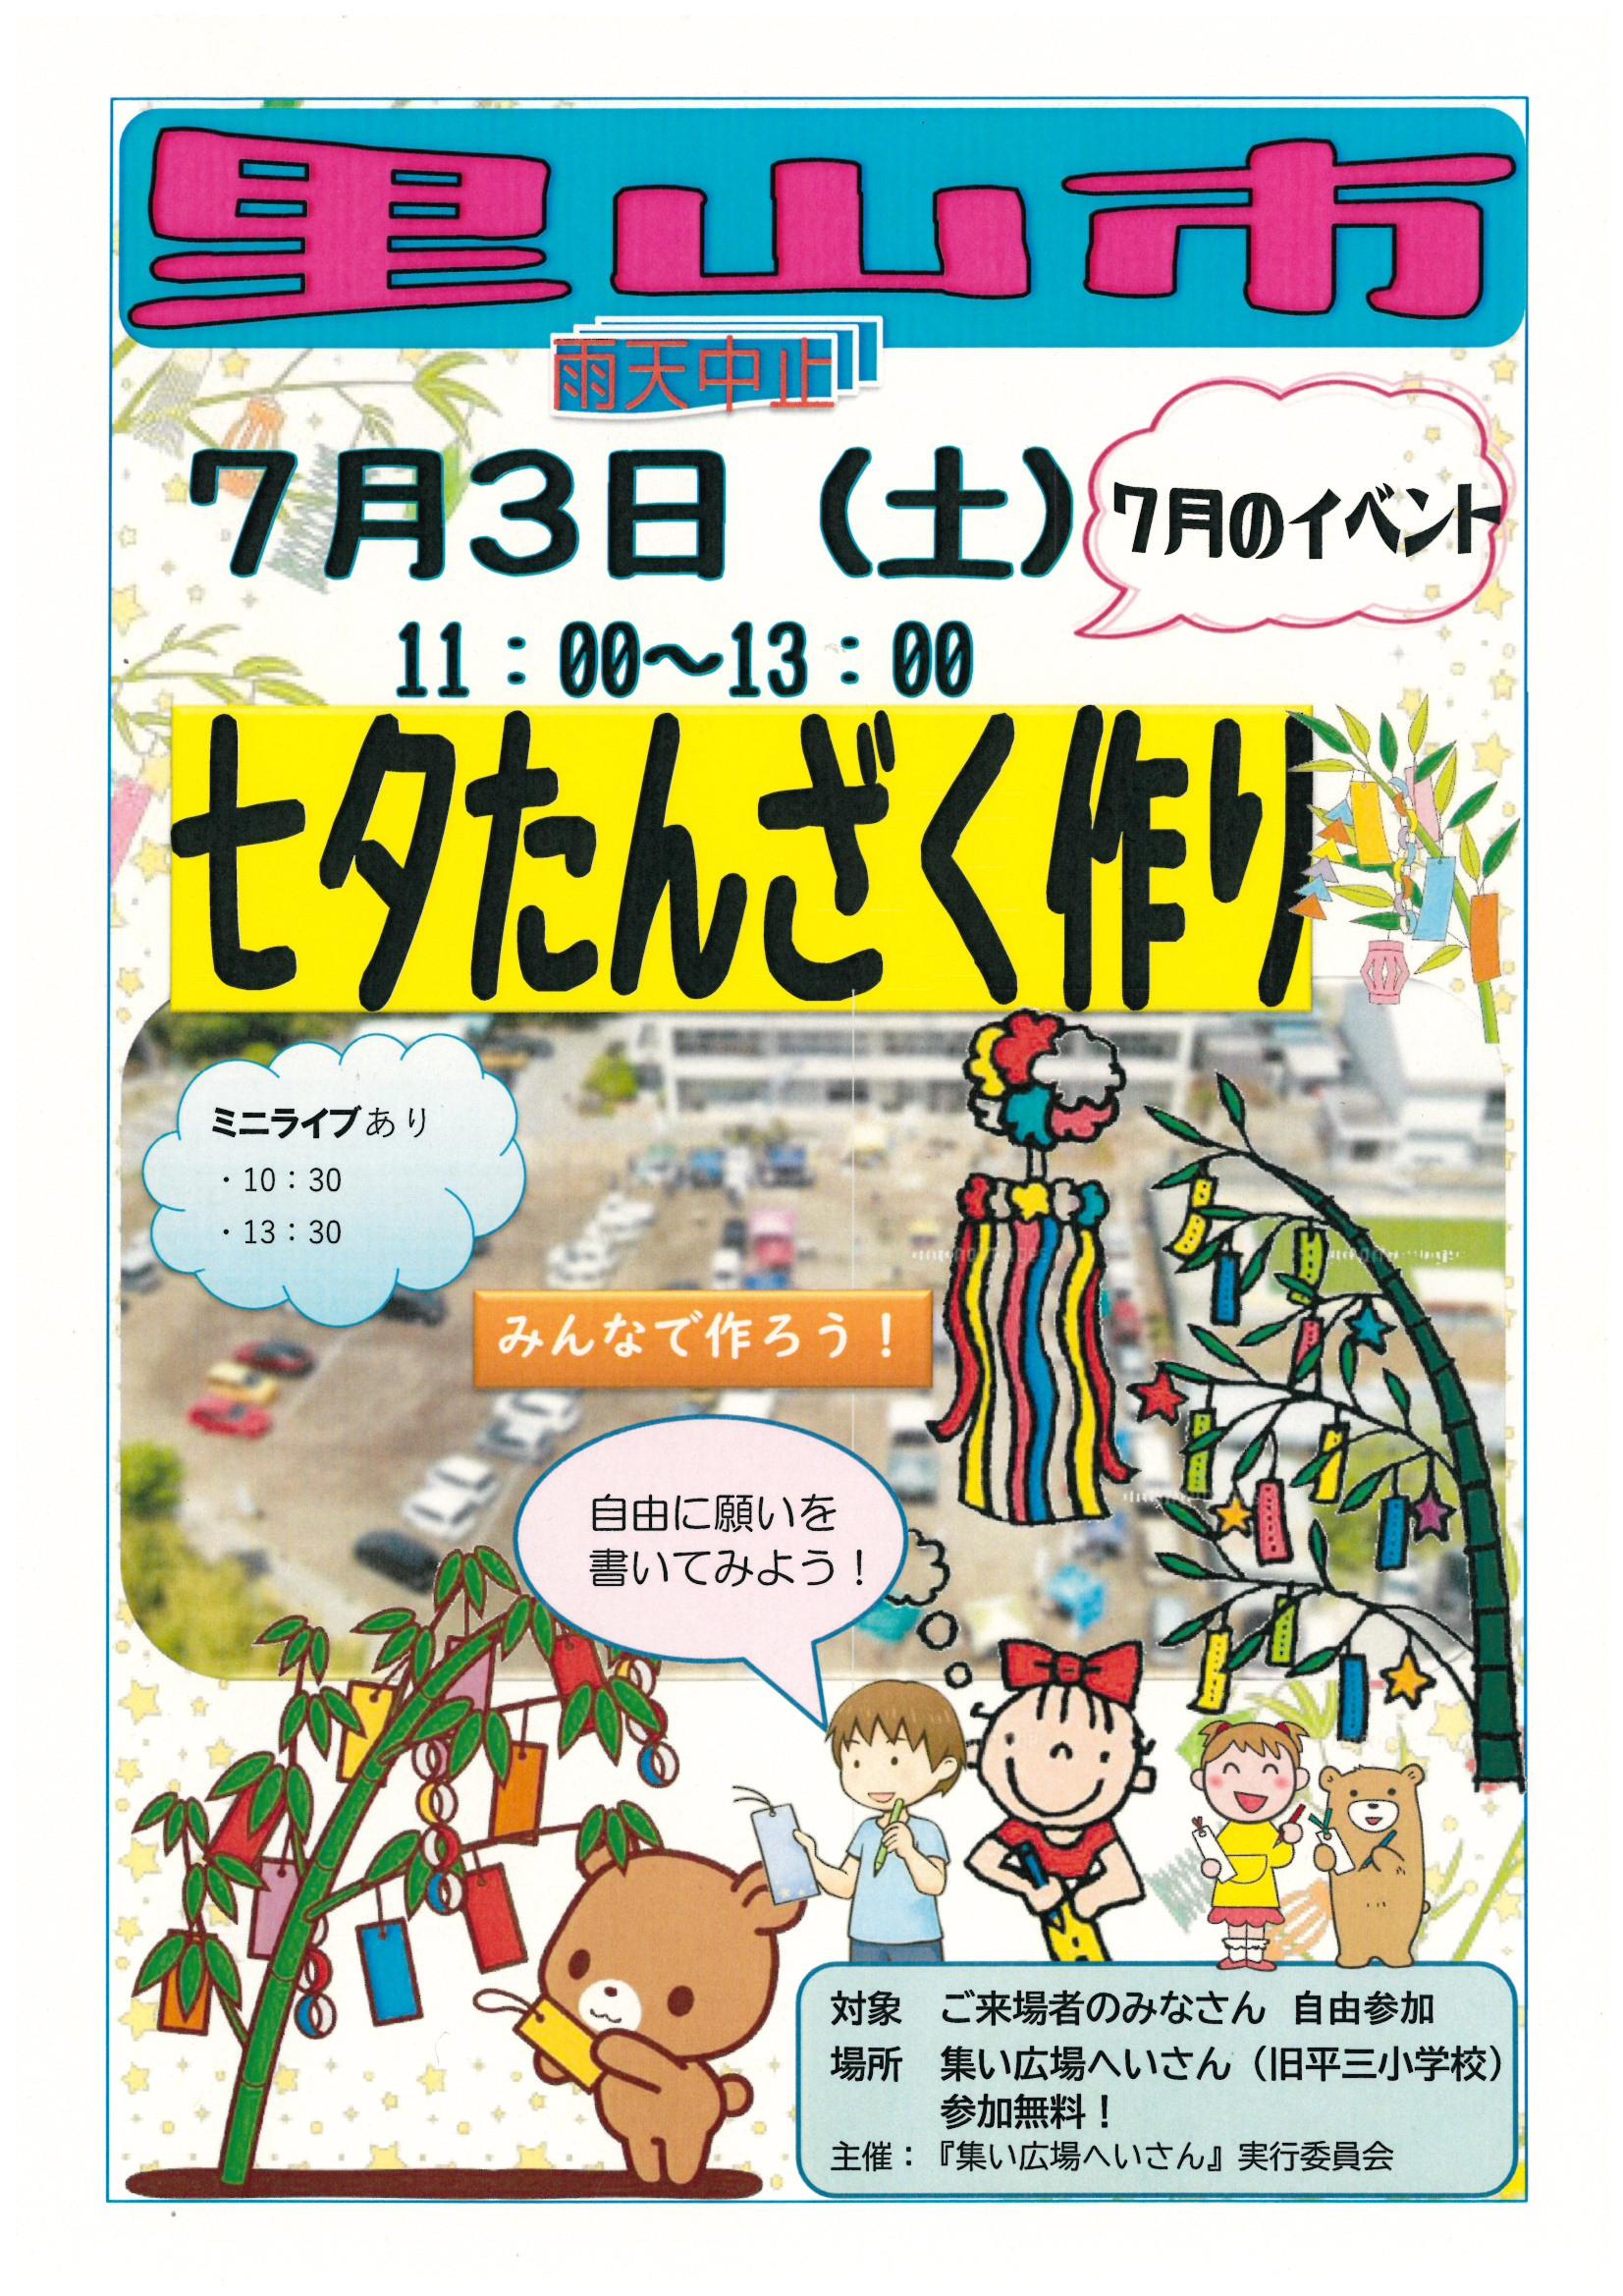 【7月3日㈯】里山市(マルシェ)を開催!